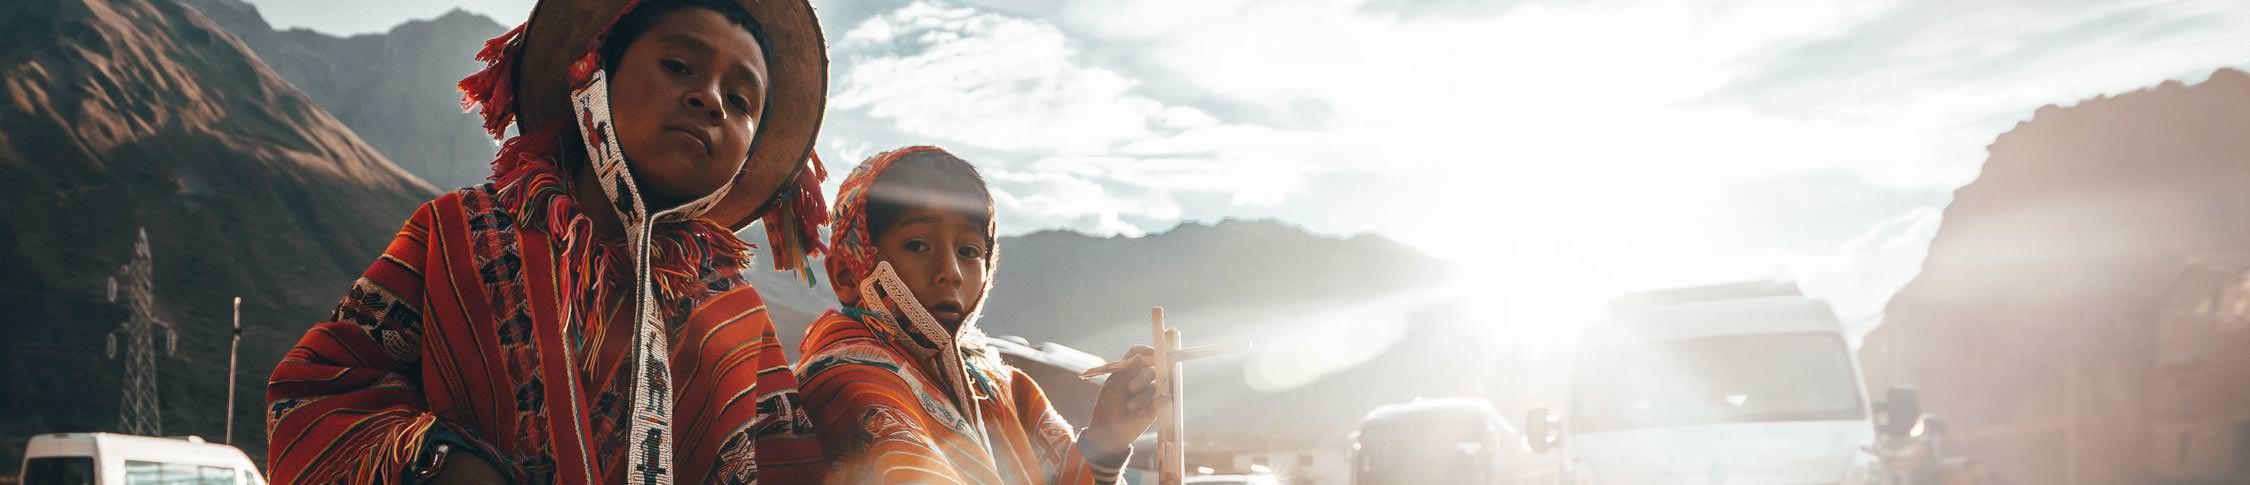 טיולים פרטיים לדרום אמריקה לנוסע העצמאי